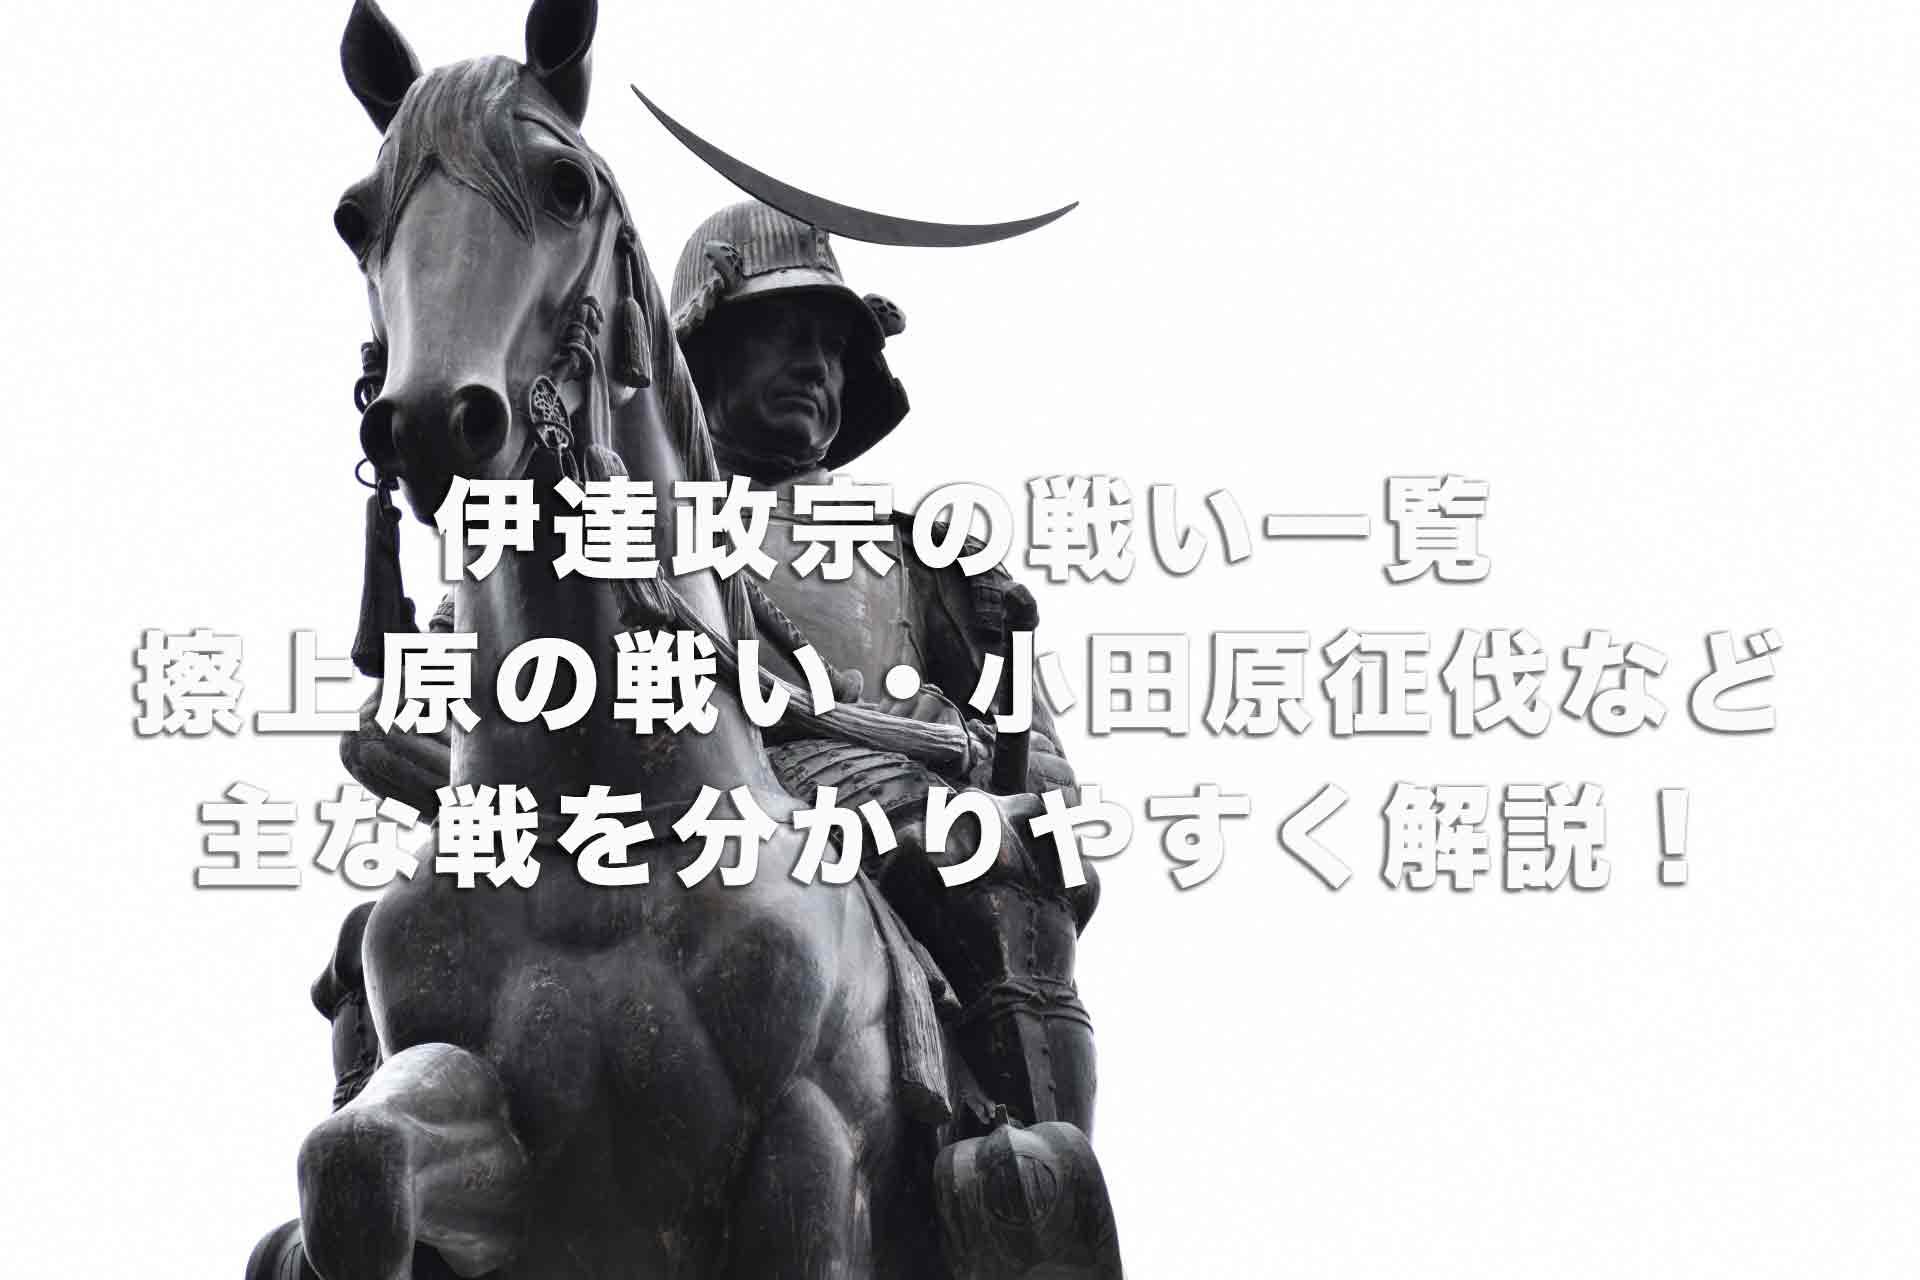 伊達政宗の戦い一覧|擦上原の戦い・小田原征伐など主な戦を分かりやすく解説!